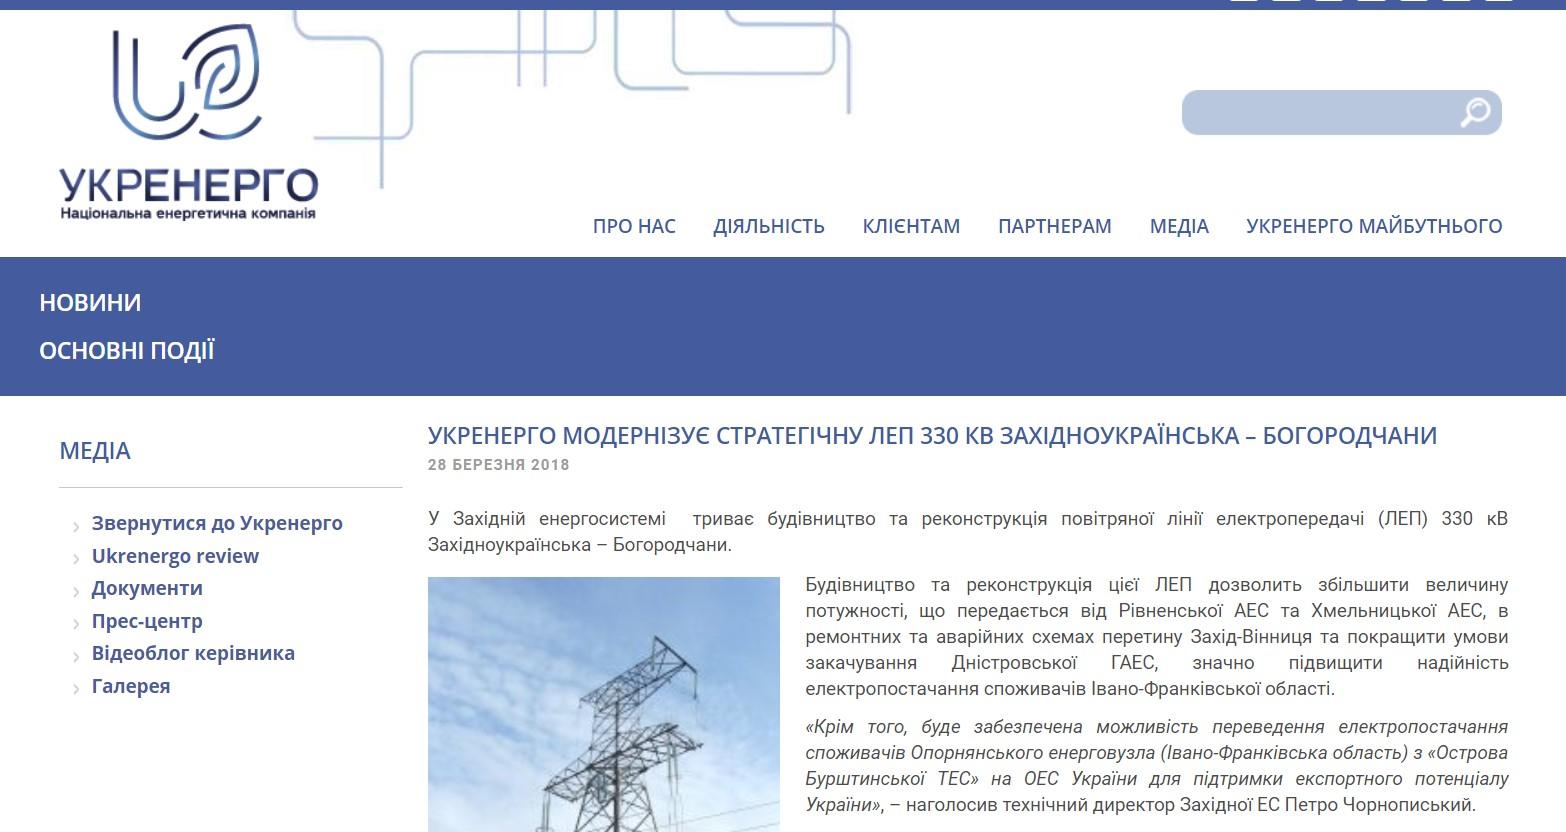 «Укрэнерго» попало в коррупционный скандал с модернизацией стратегической ЛЭП